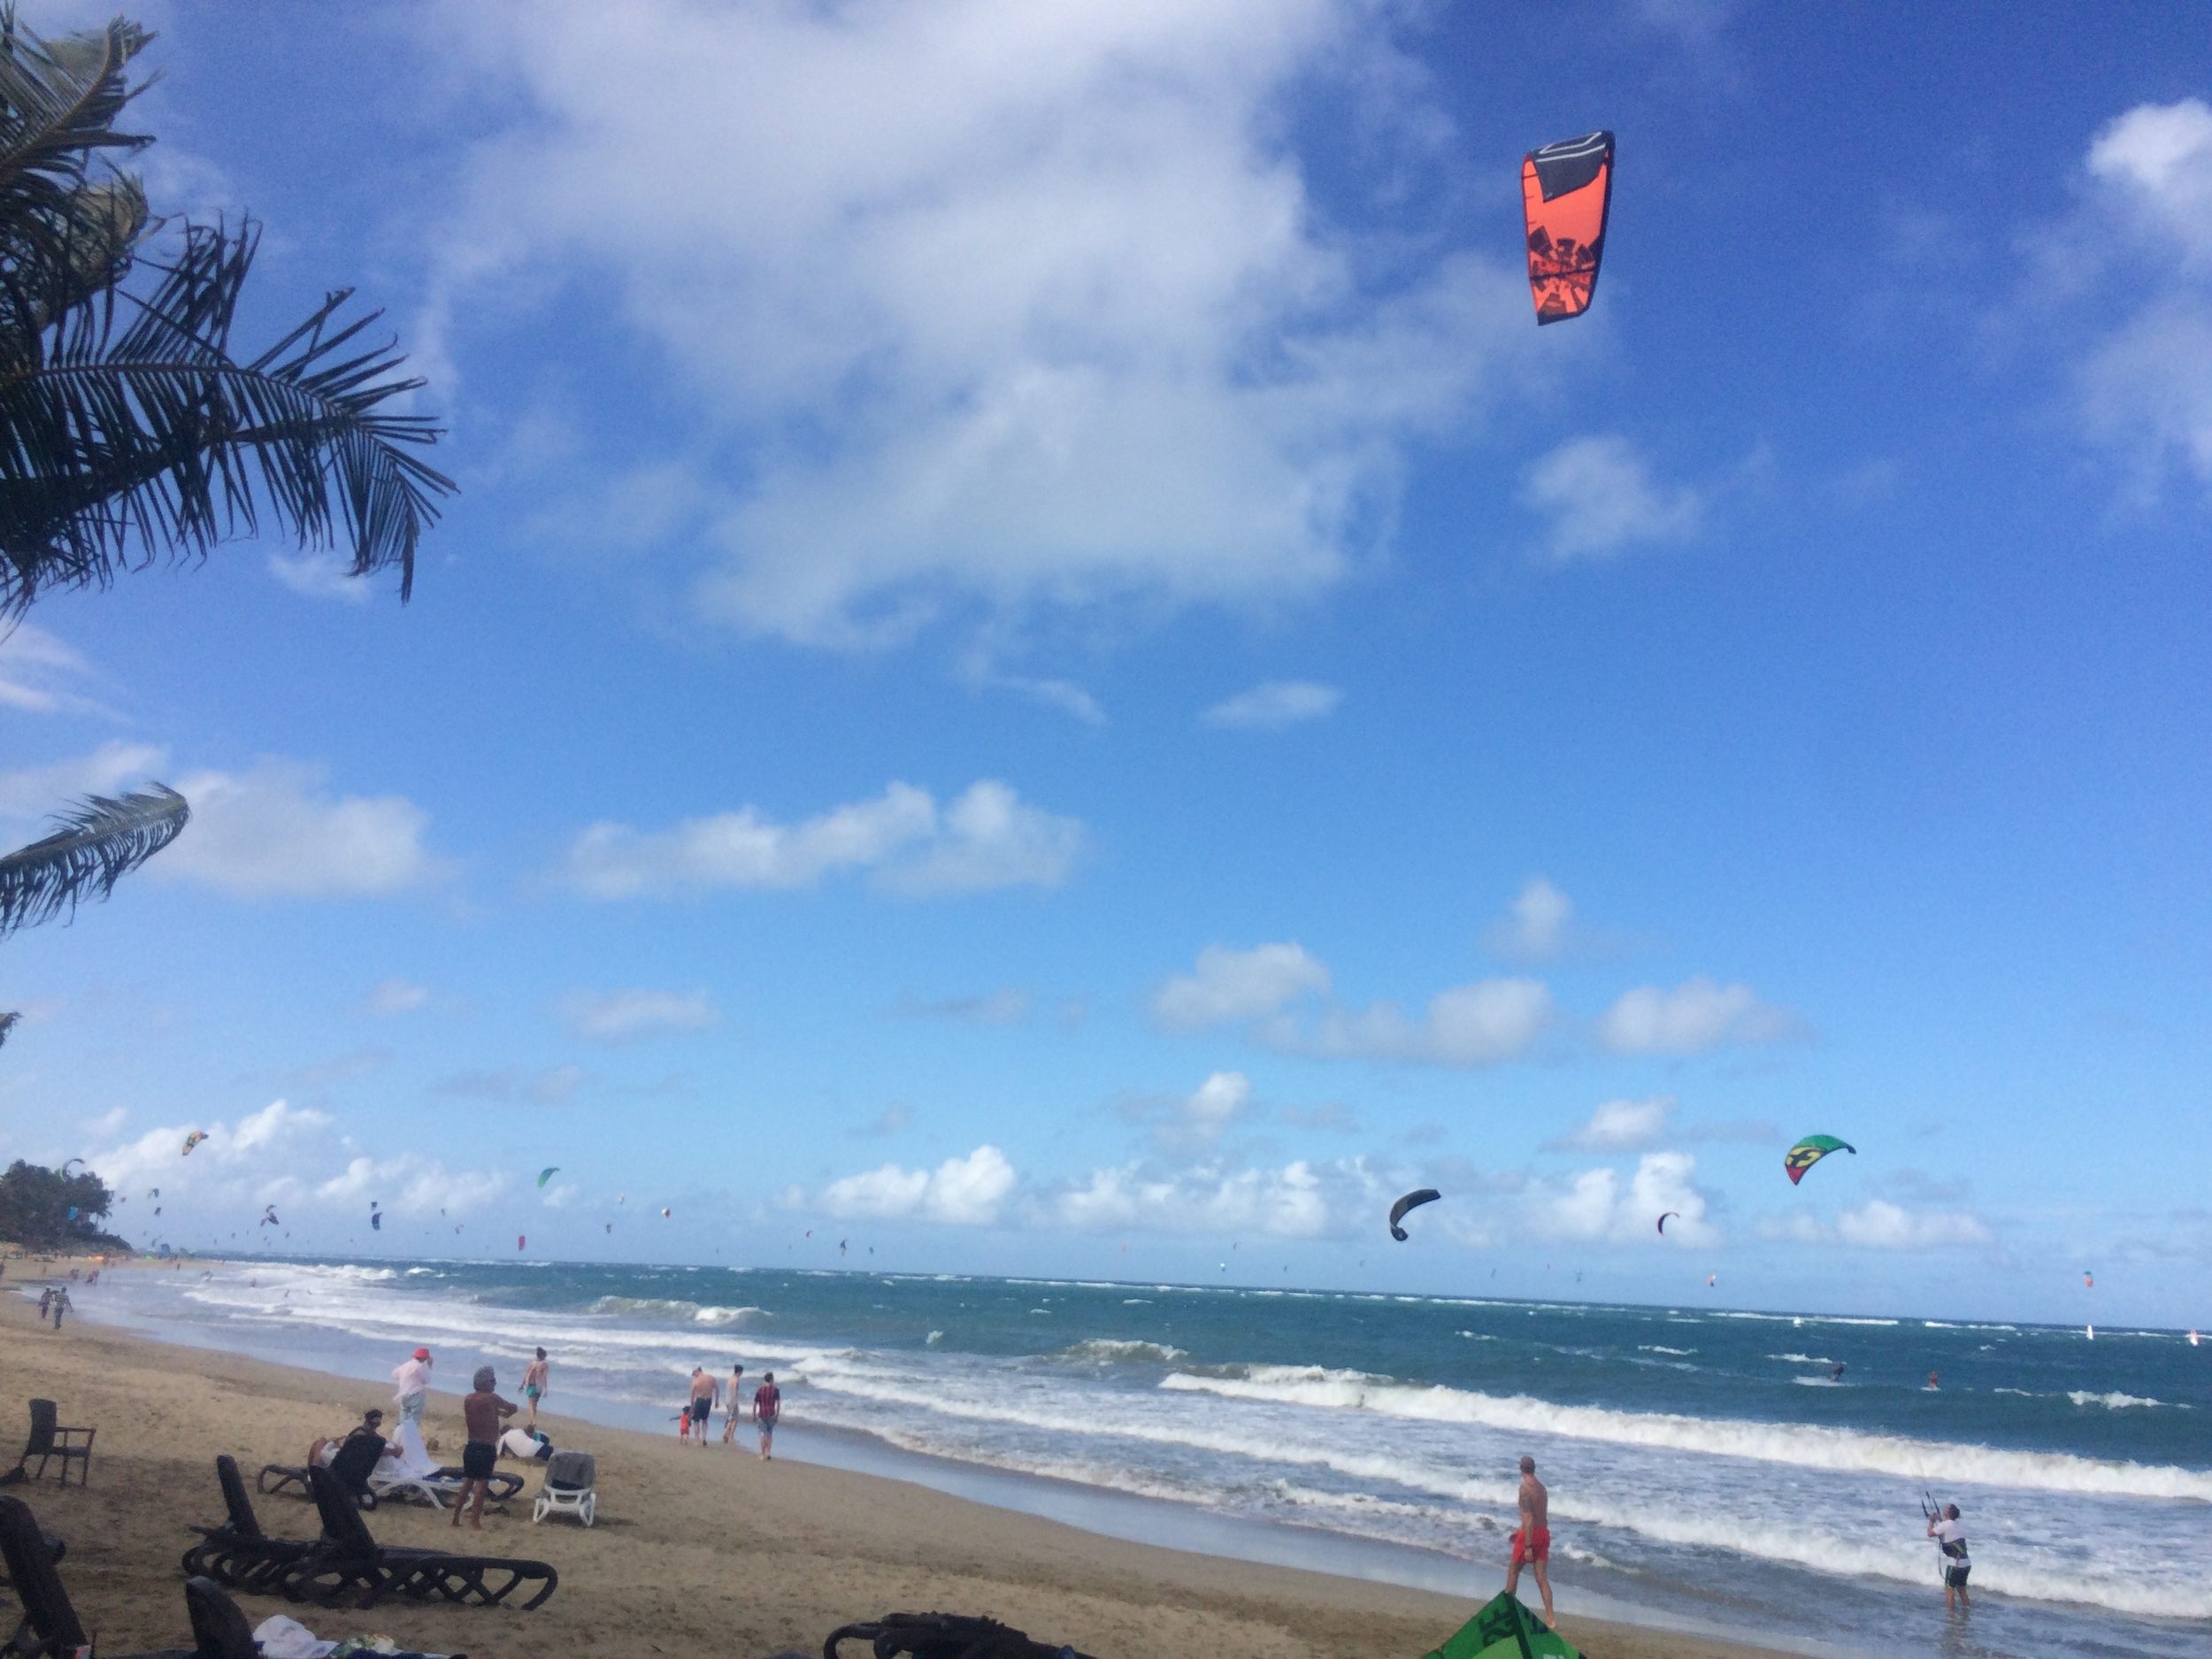 Cabarete, Dominican Republic - Kites in the air